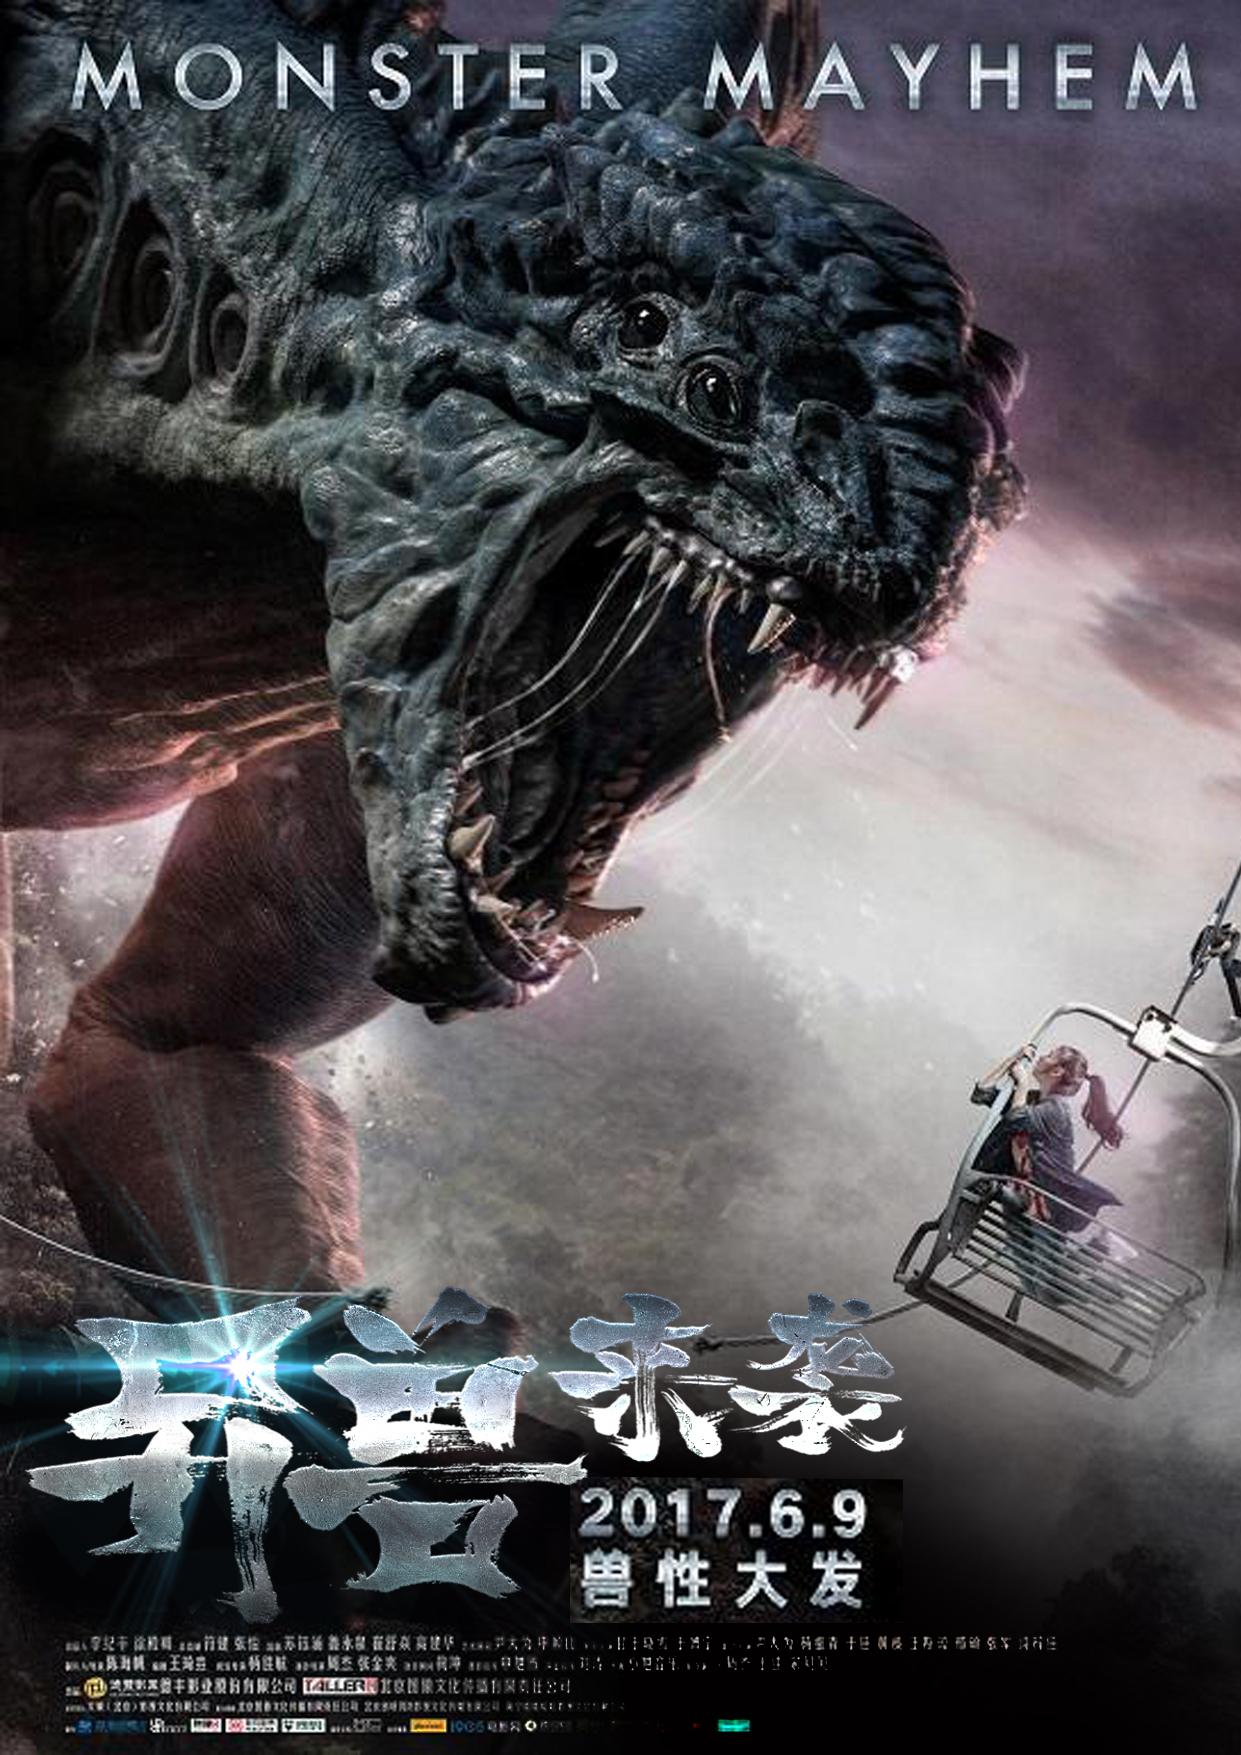 六月电影海报改写——变形金刚5 木乃伊 摔跤吧爸爸